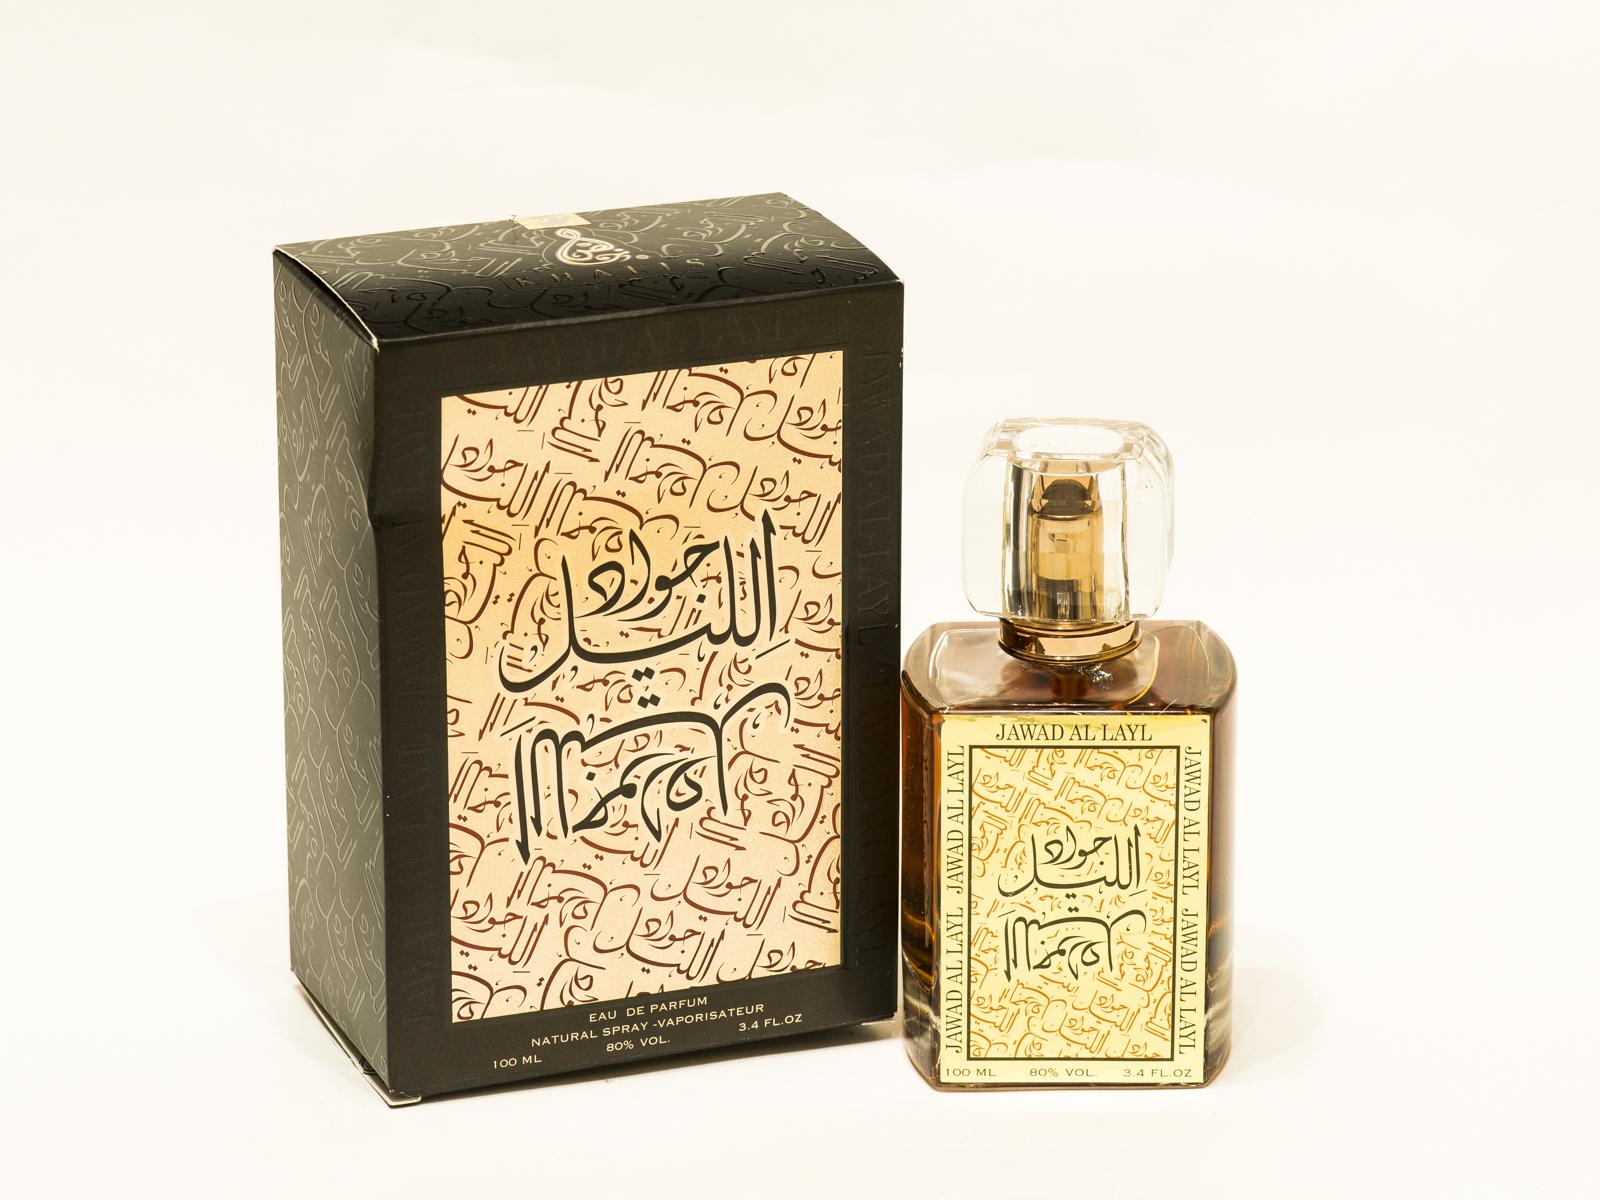 Пробник для Jawad al Layl Джавад аль Лайл 1 мл спрей от Халис Khalis Perfumes